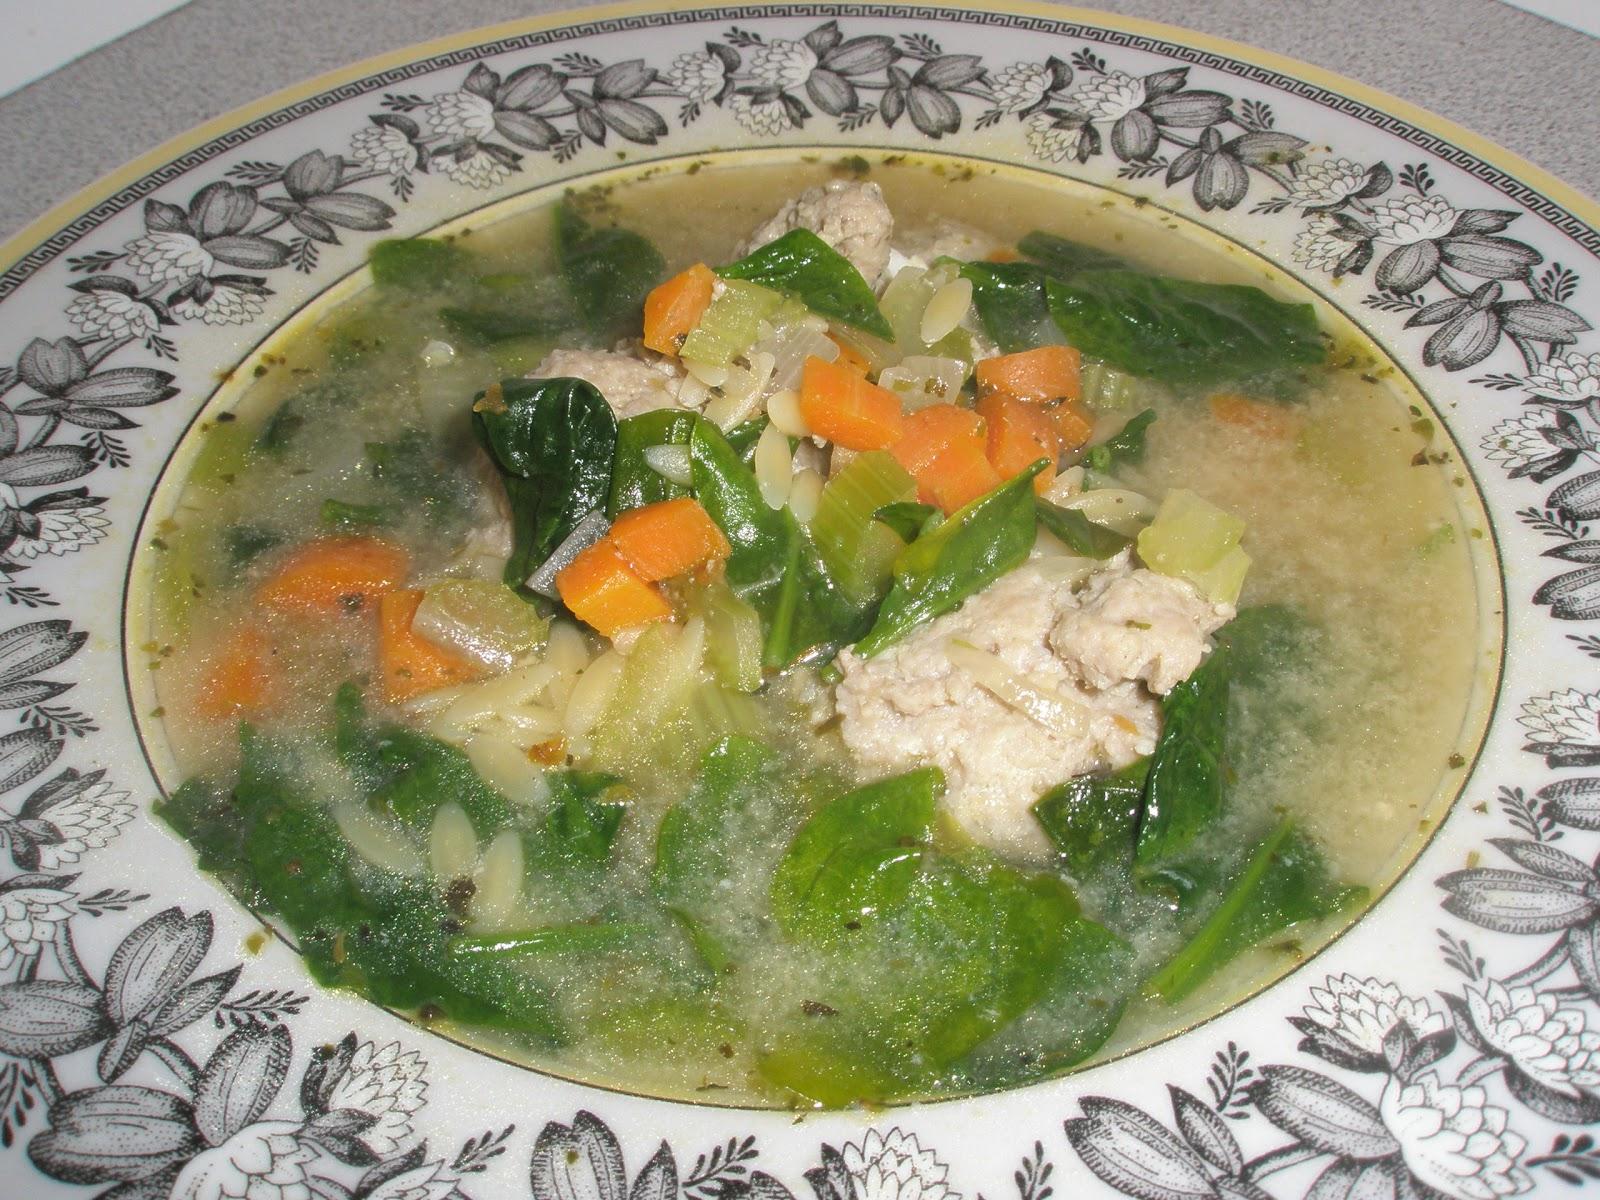 Got It Cook It Italian Wedding Soup With Turkey Meatballs